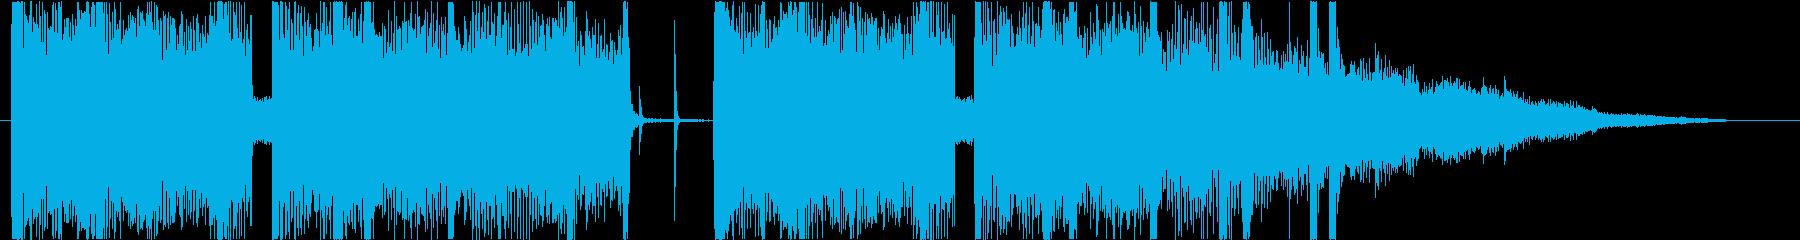 10秒・ジャズ・Lo-Fi・キーボードの再生済みの波形